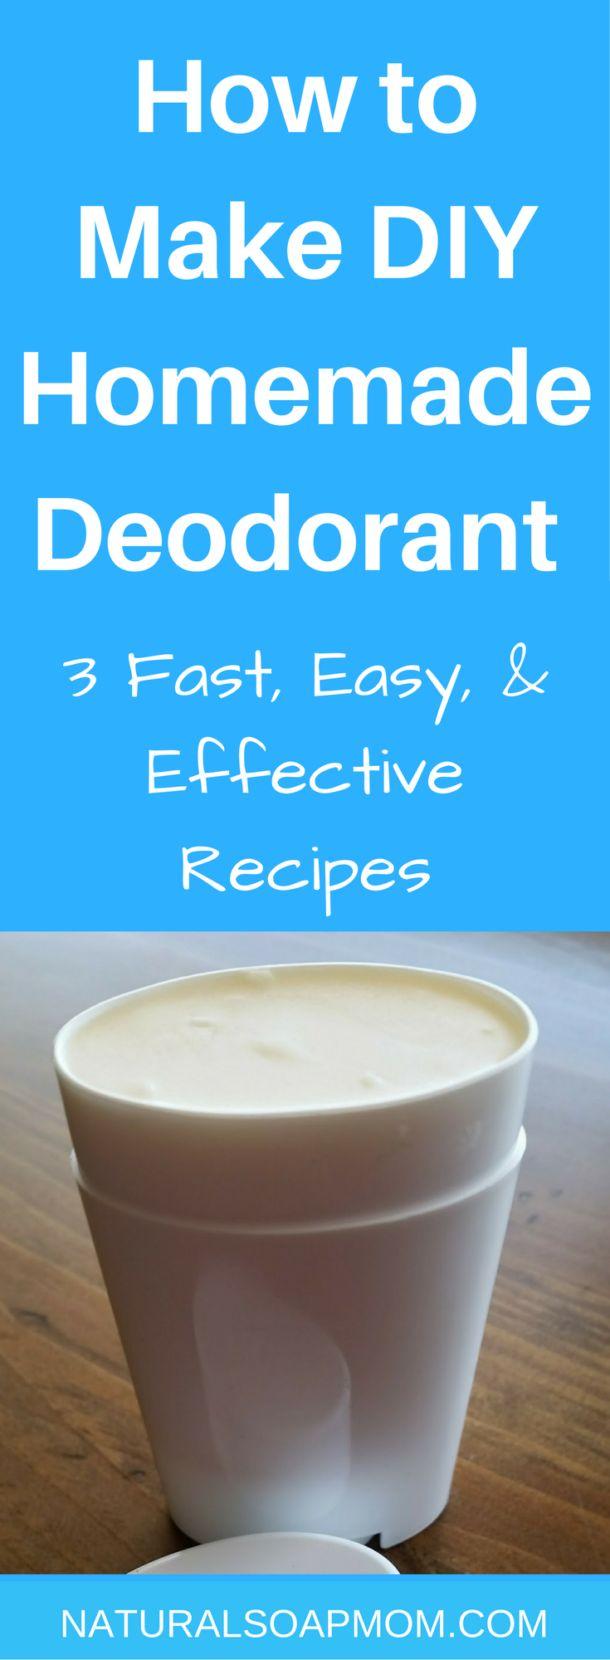 How to Make DIY Homemade Deodorant – 3 Fast & Easy Recipes